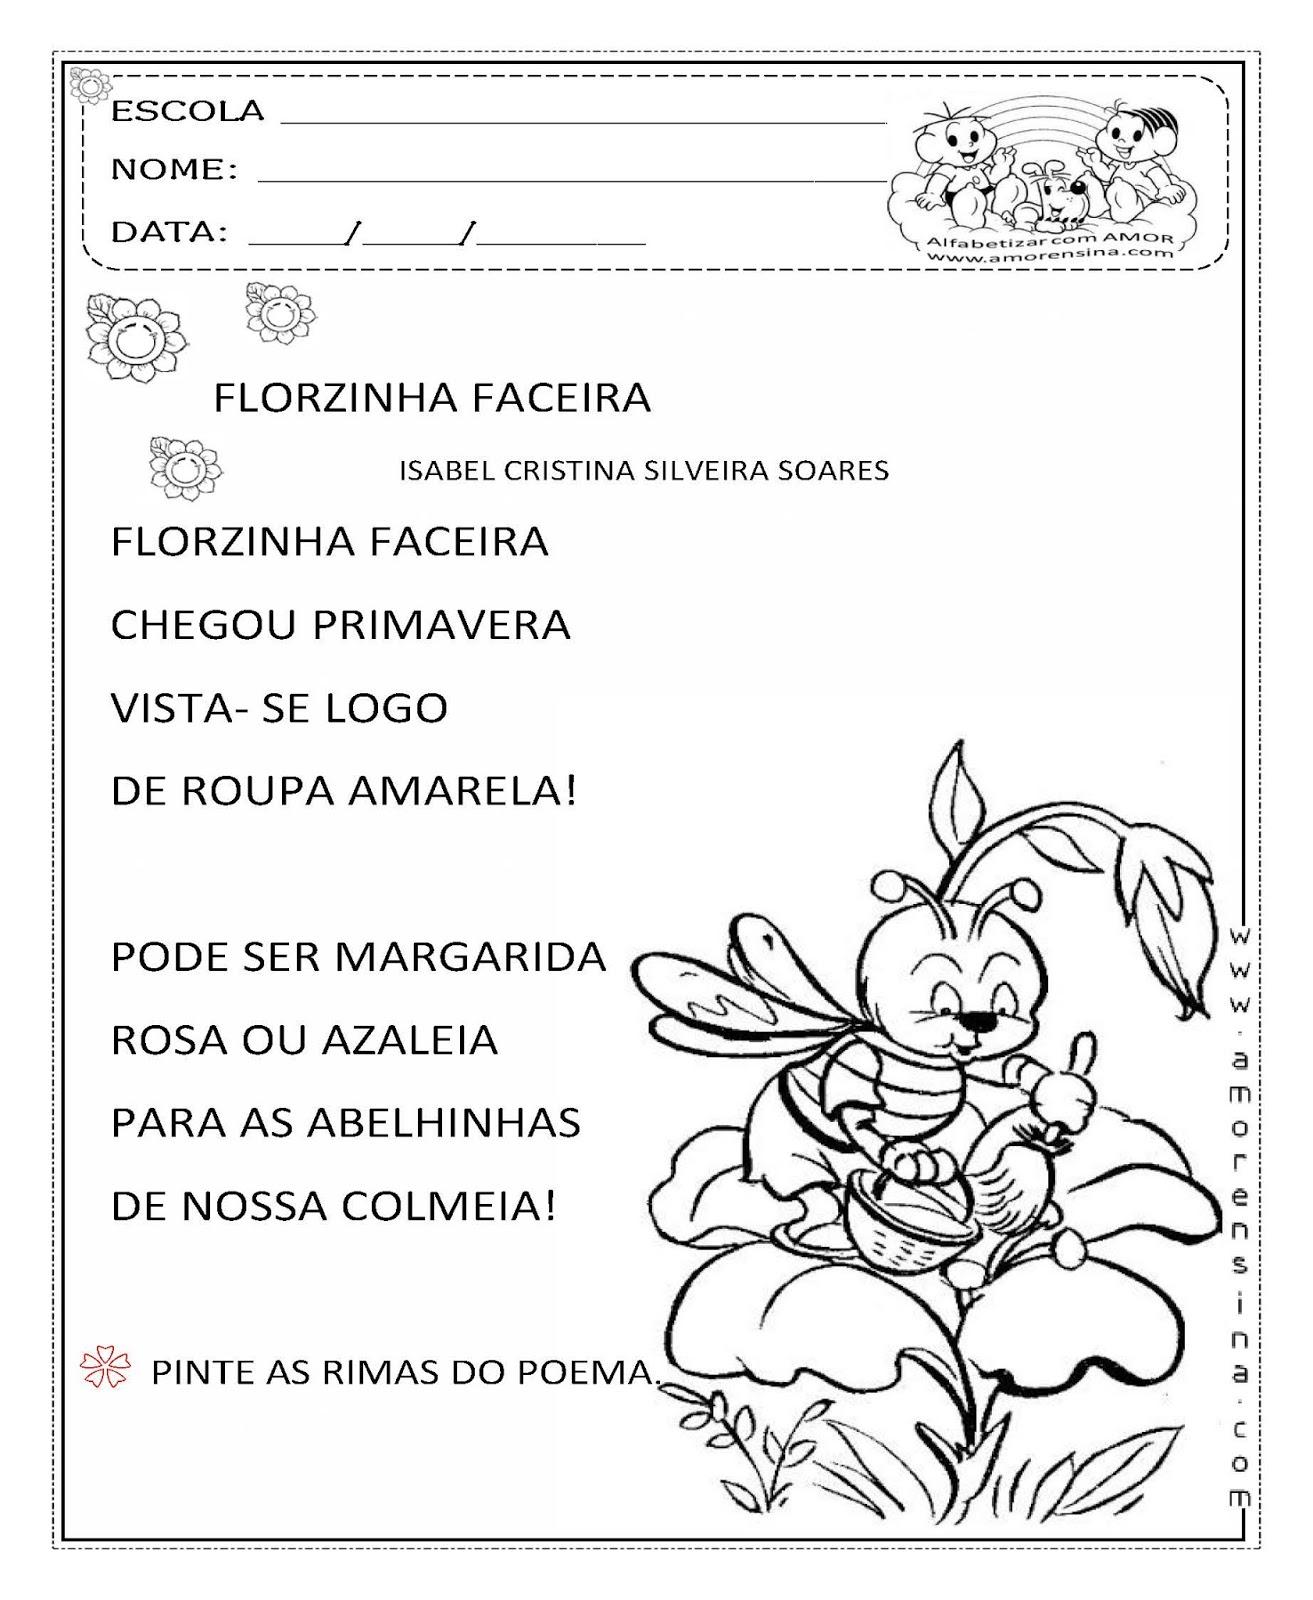 flores do jardim letra : flores do jardim letra:Alfabetizar com AMOR: FLORZINHA FACEIRA – EDUCAÇÃO INFANTIL/ 1ºANO